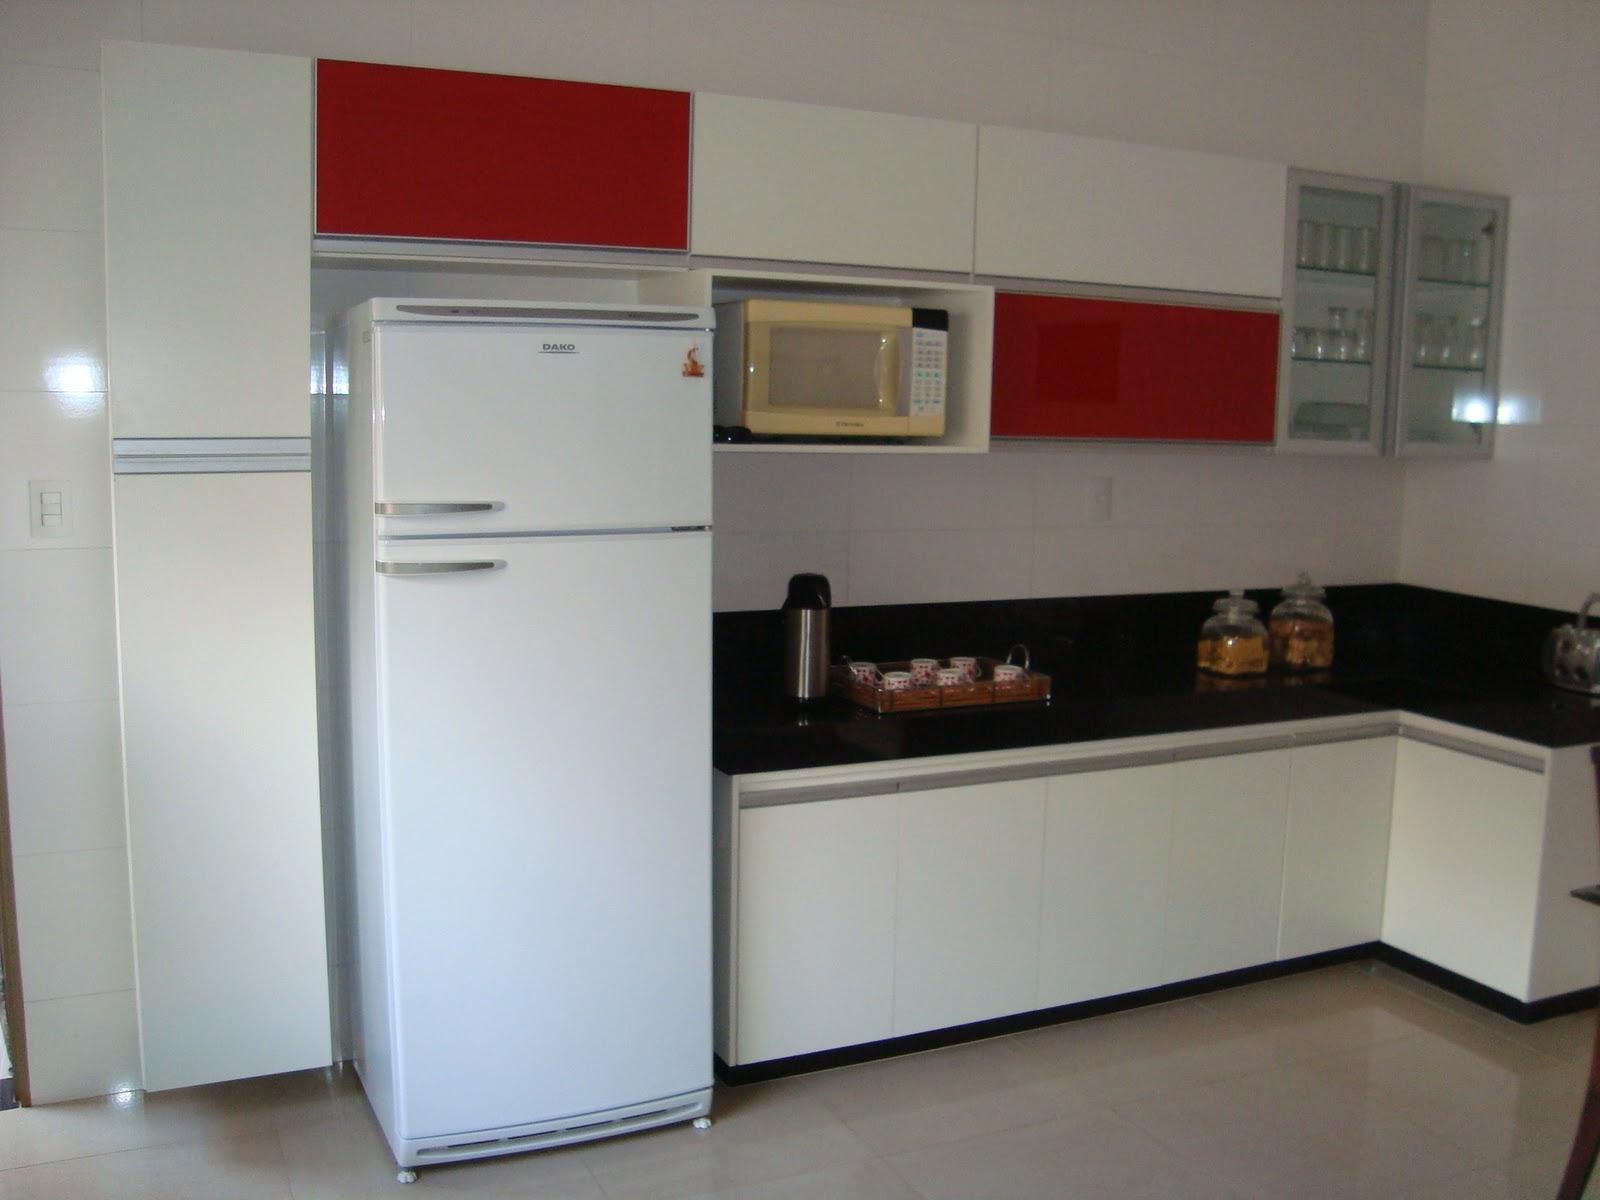 Móveis Planejados: Cozinha em MDF Branco Detalhes em Vidro Vermelho #611E1A 1600x1200